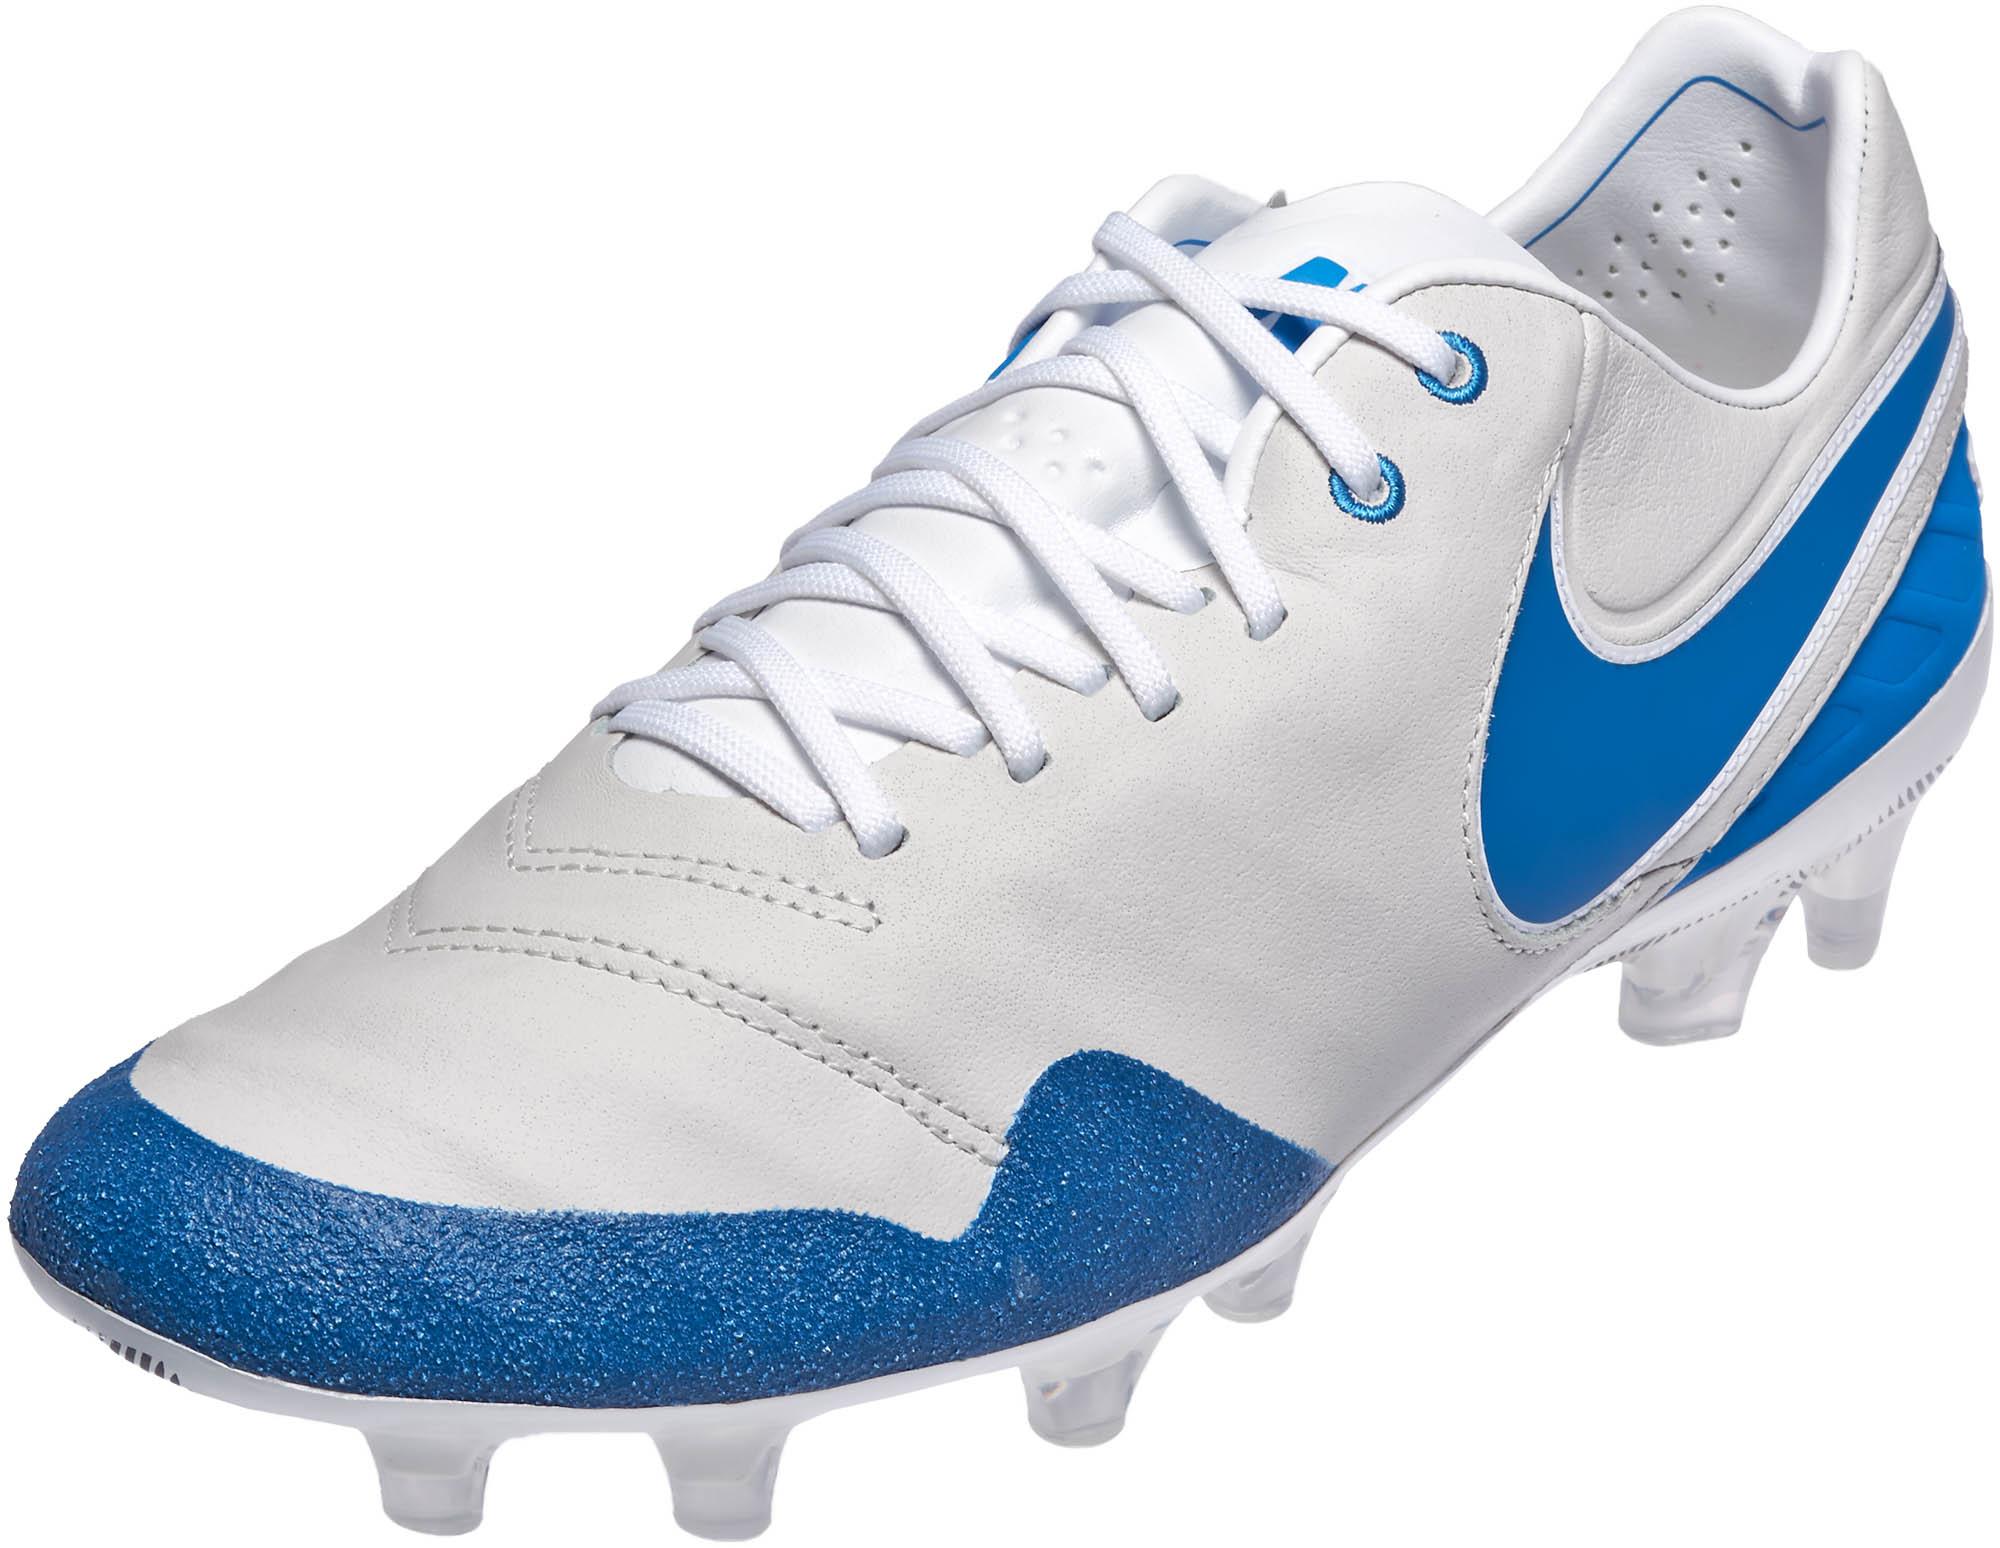 new style 5dd14 58a15 Nike Tiempo Legend VI SE FG - Nike Tiempo Soccer Shoes